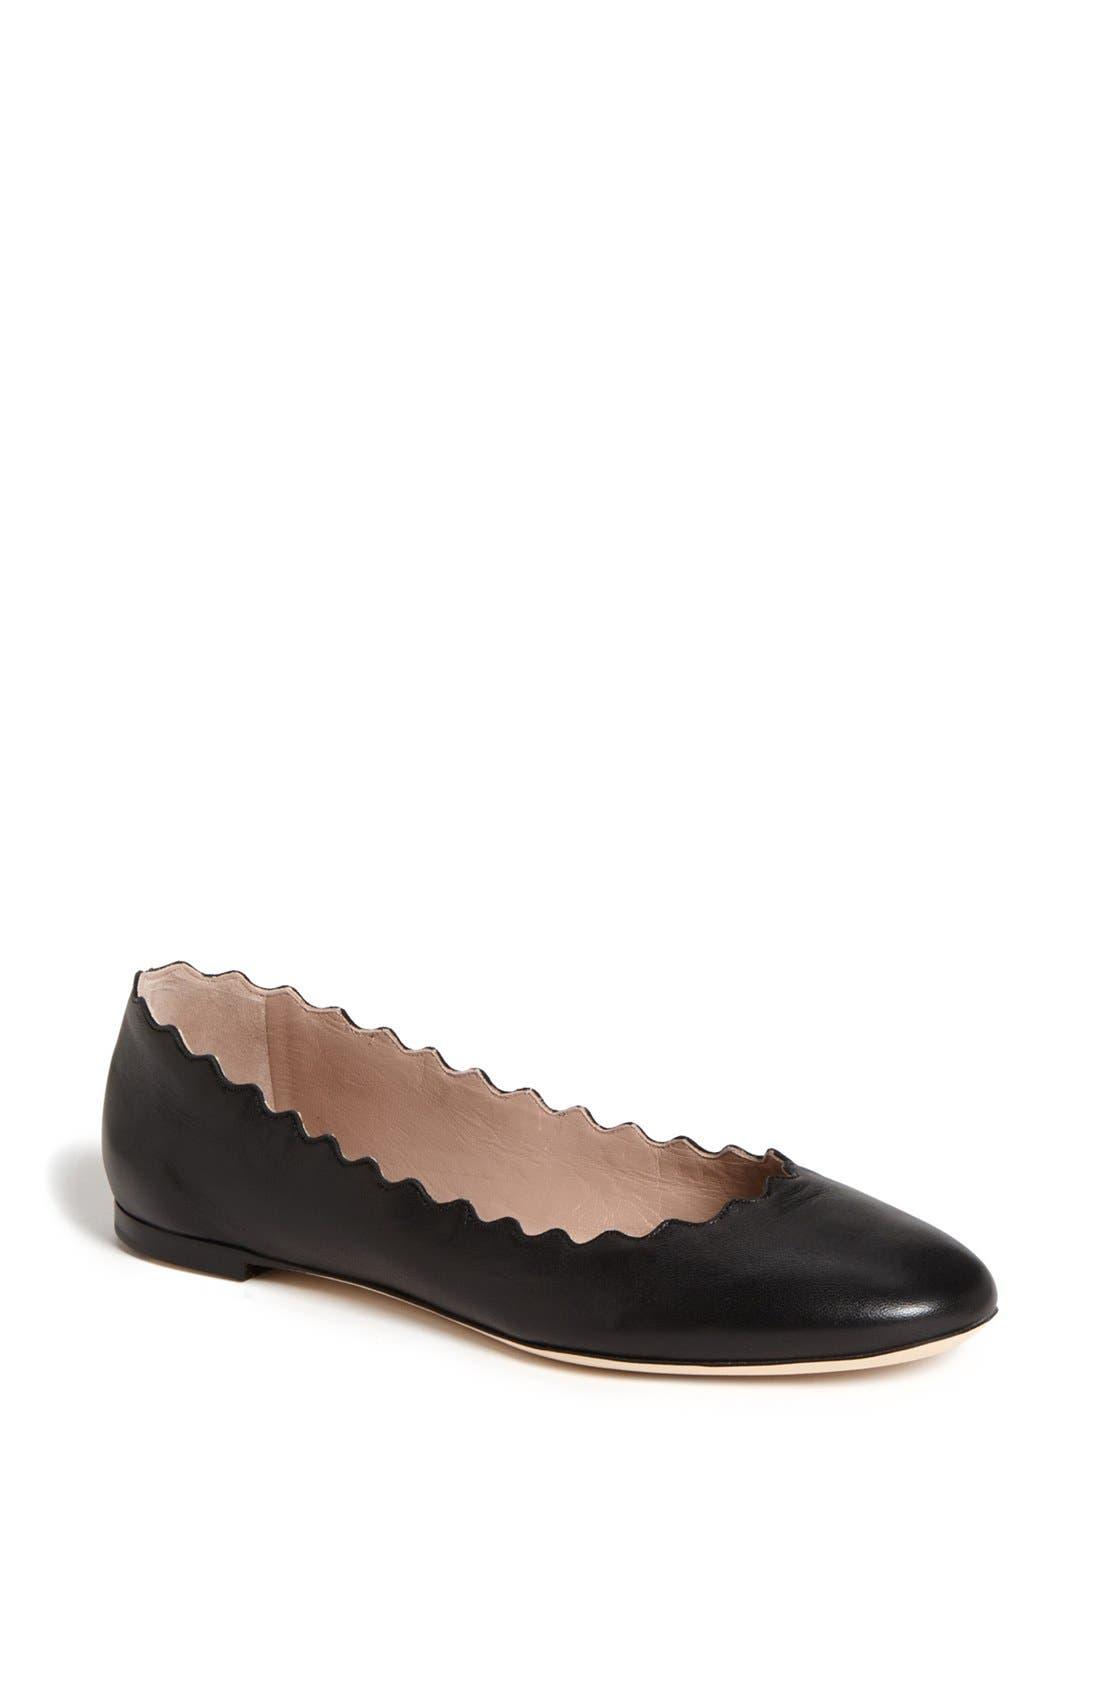 CHLOÉ 'Lauren' Scalloped Ballet Flat, Main, color, BLACK LEATHER